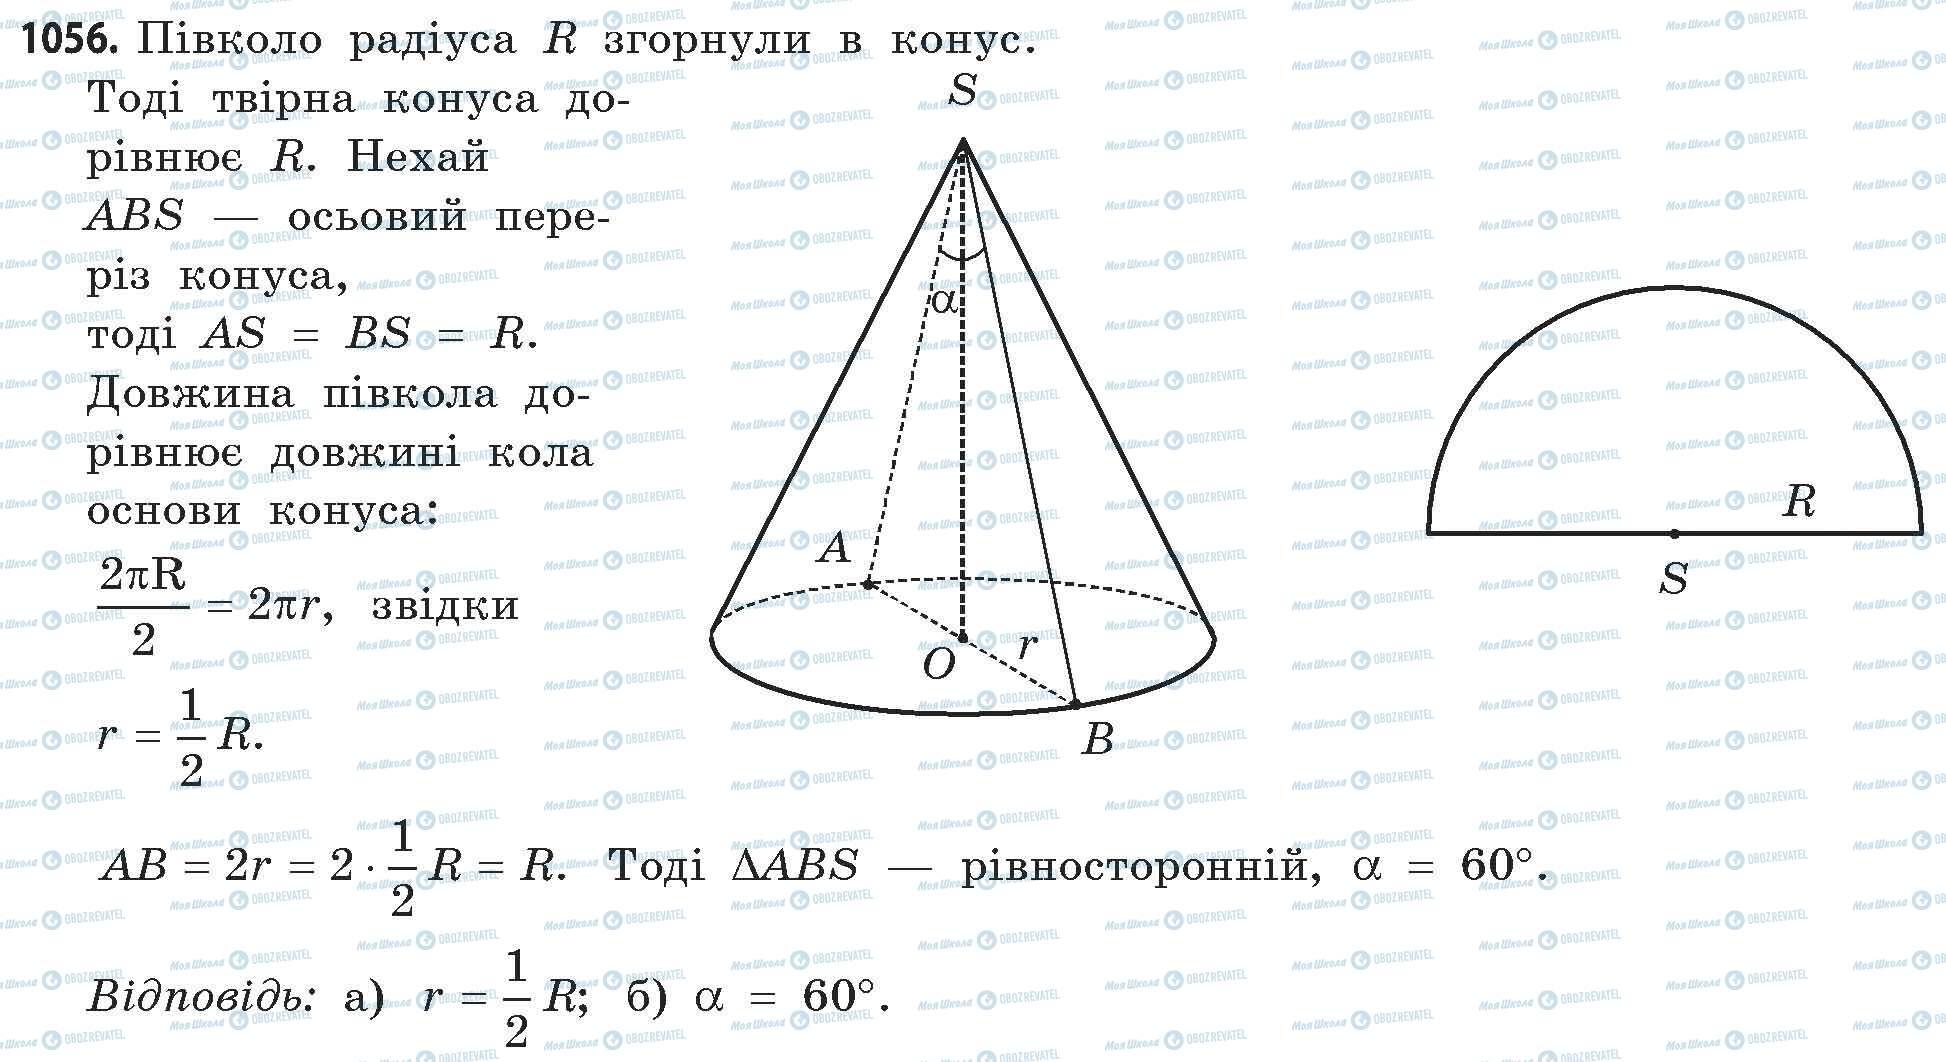 ГДЗ Математика 11 клас сторінка 1056